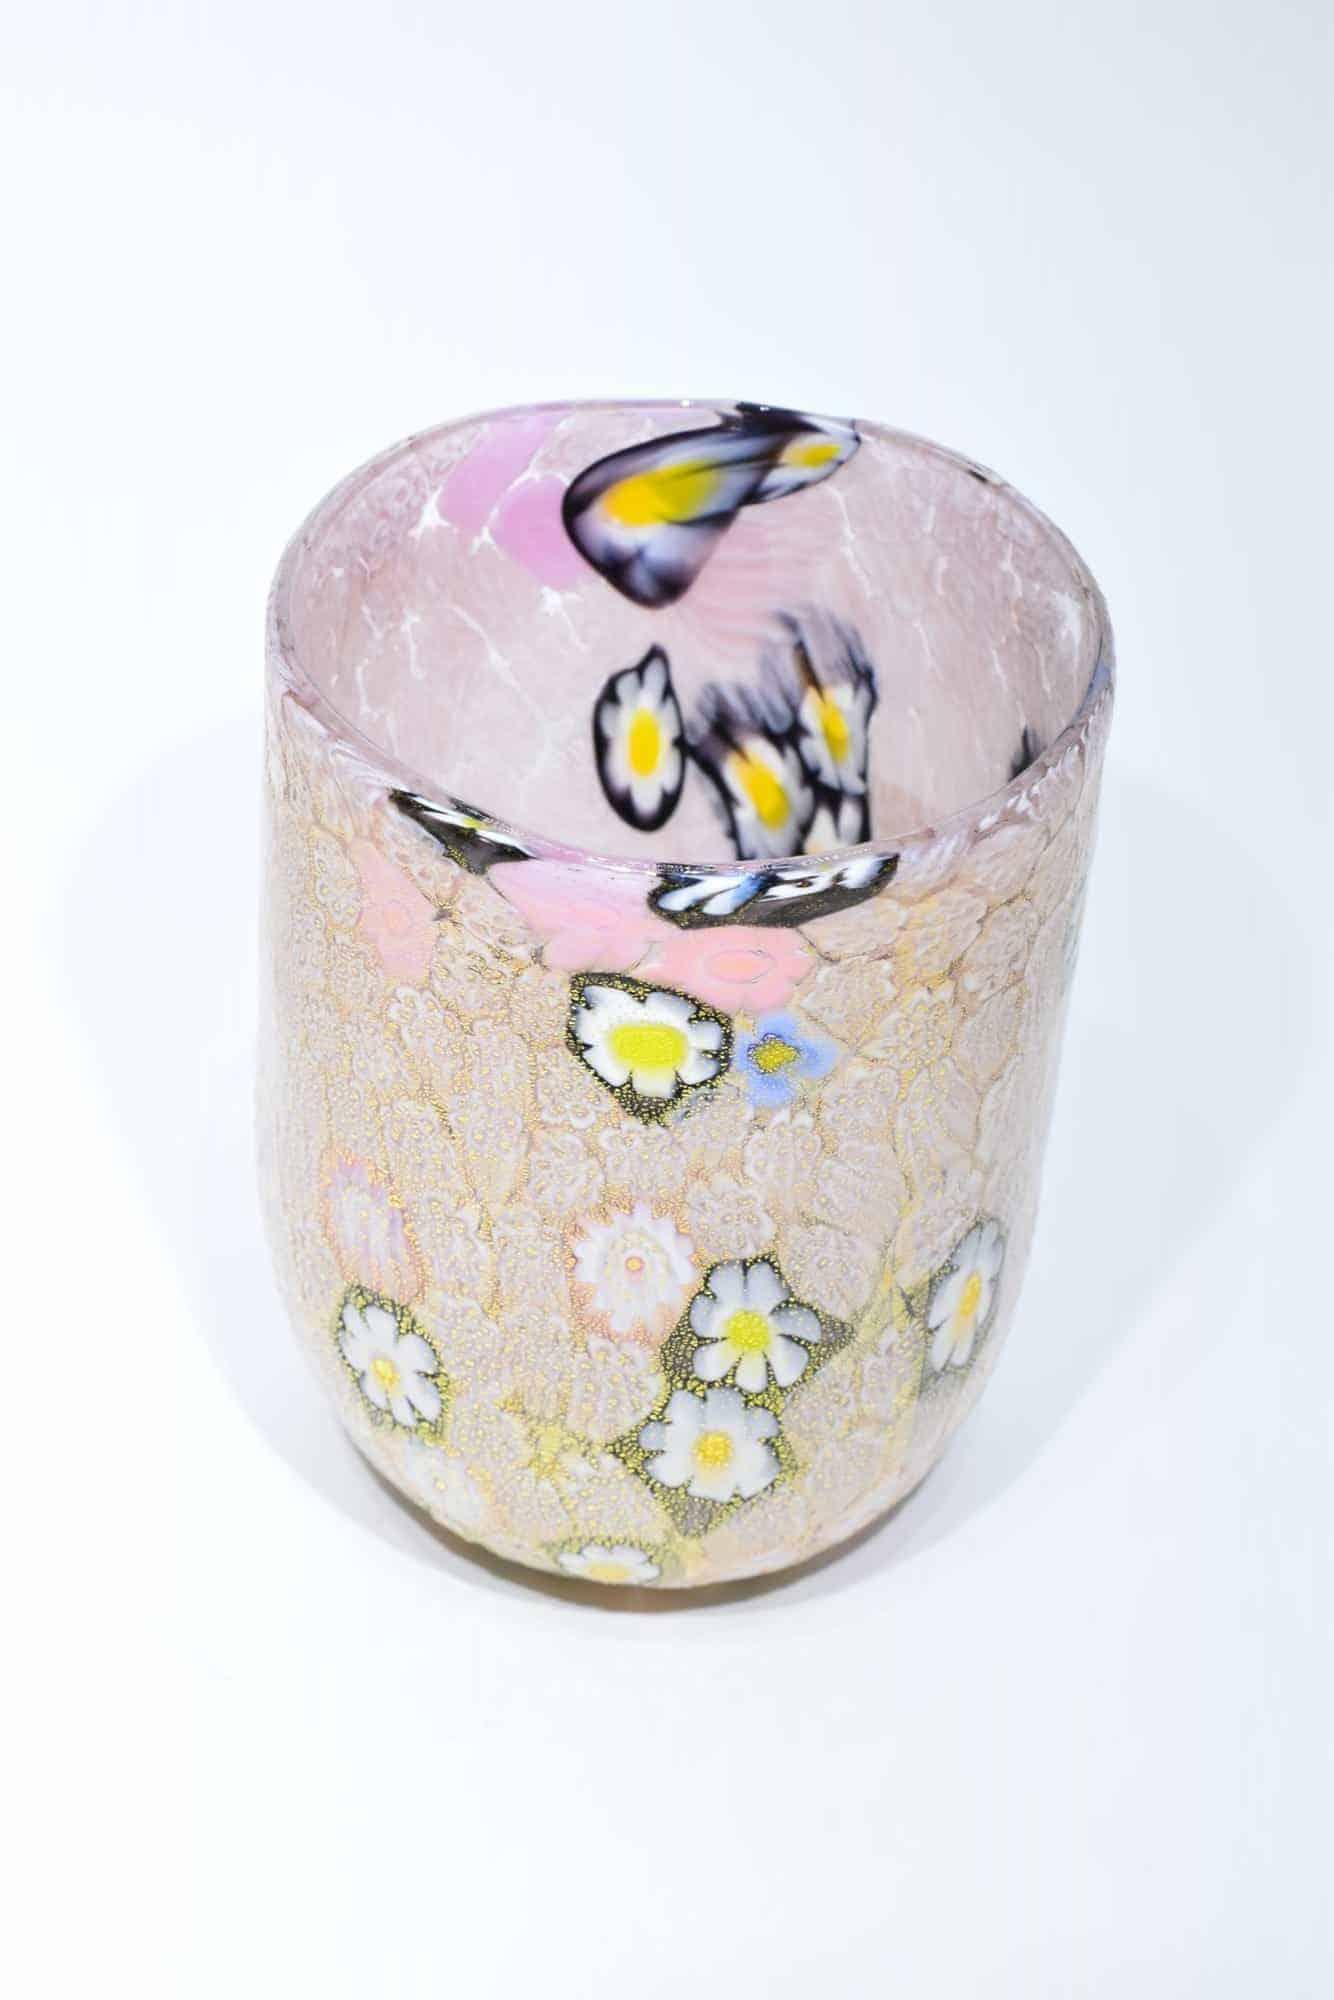 Murrine Glass In Murano Glass (Art. 13067)